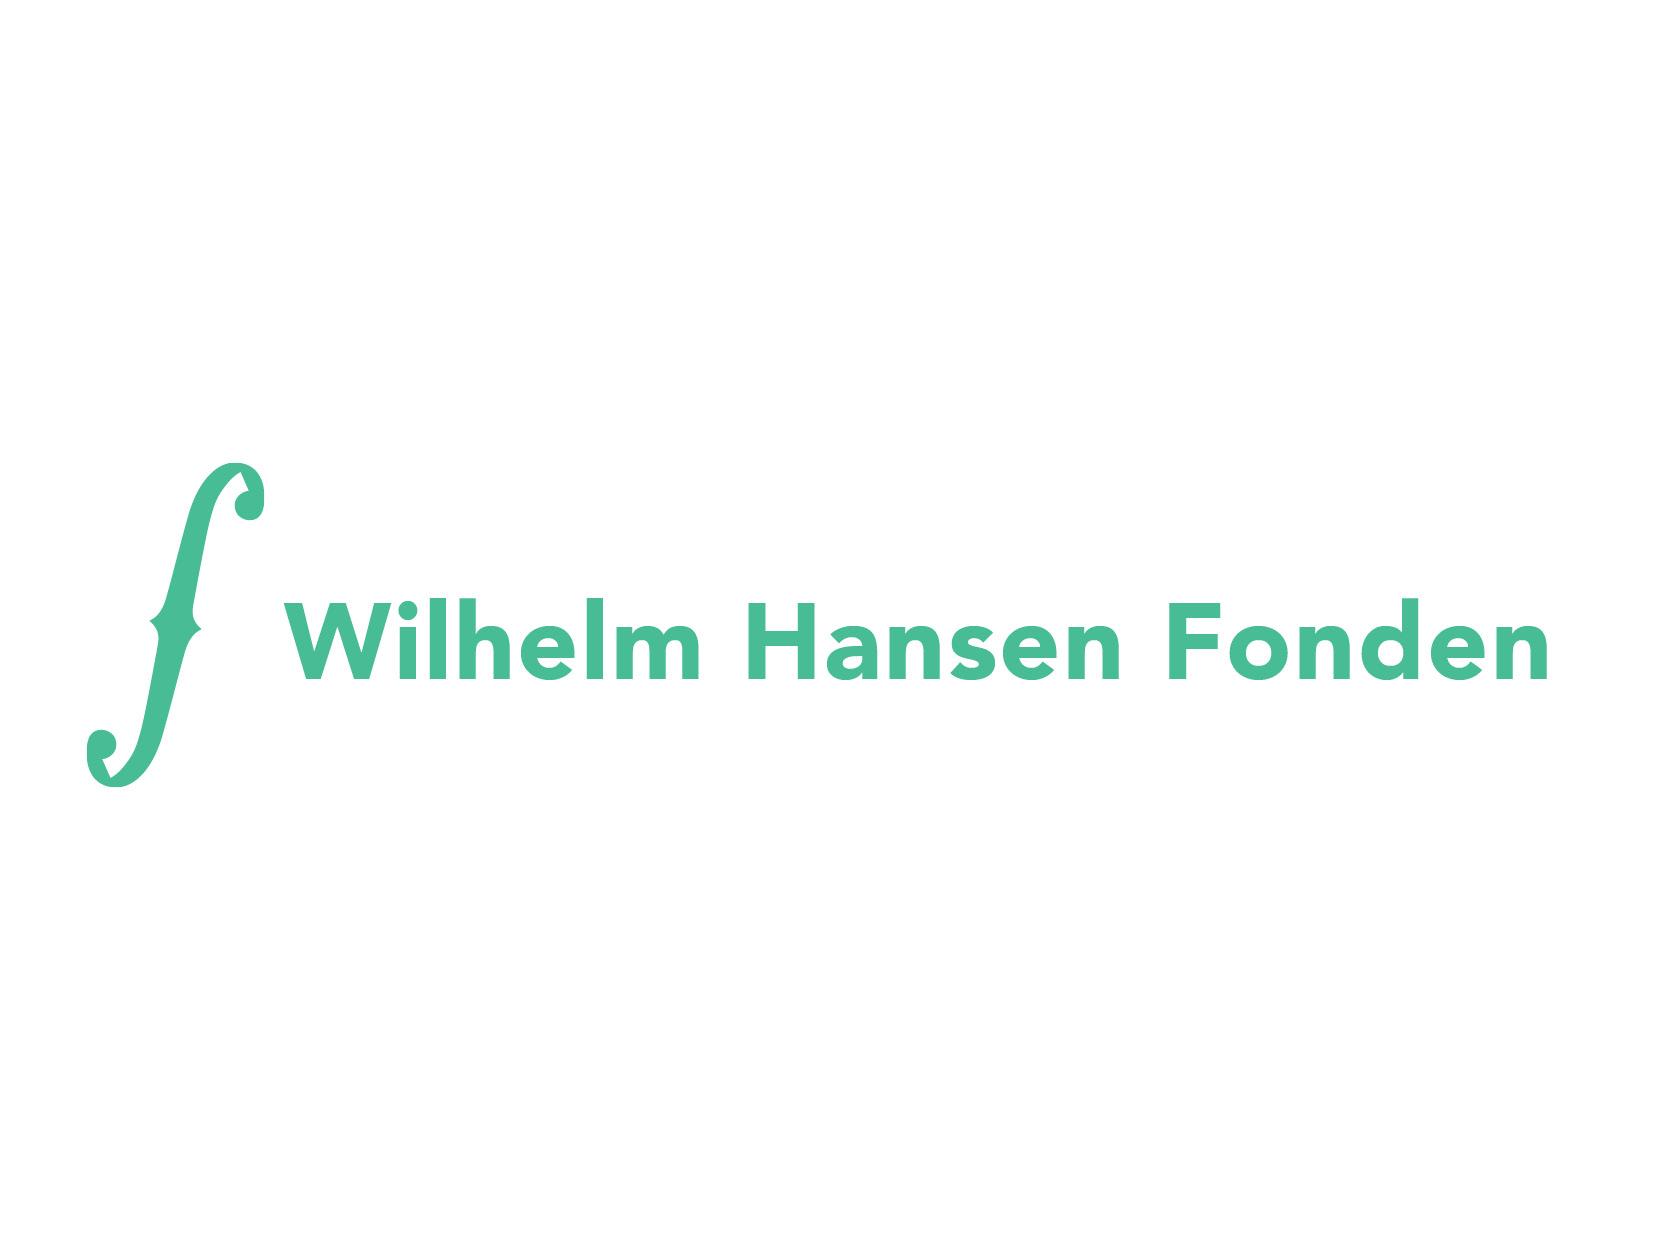 WH fonden